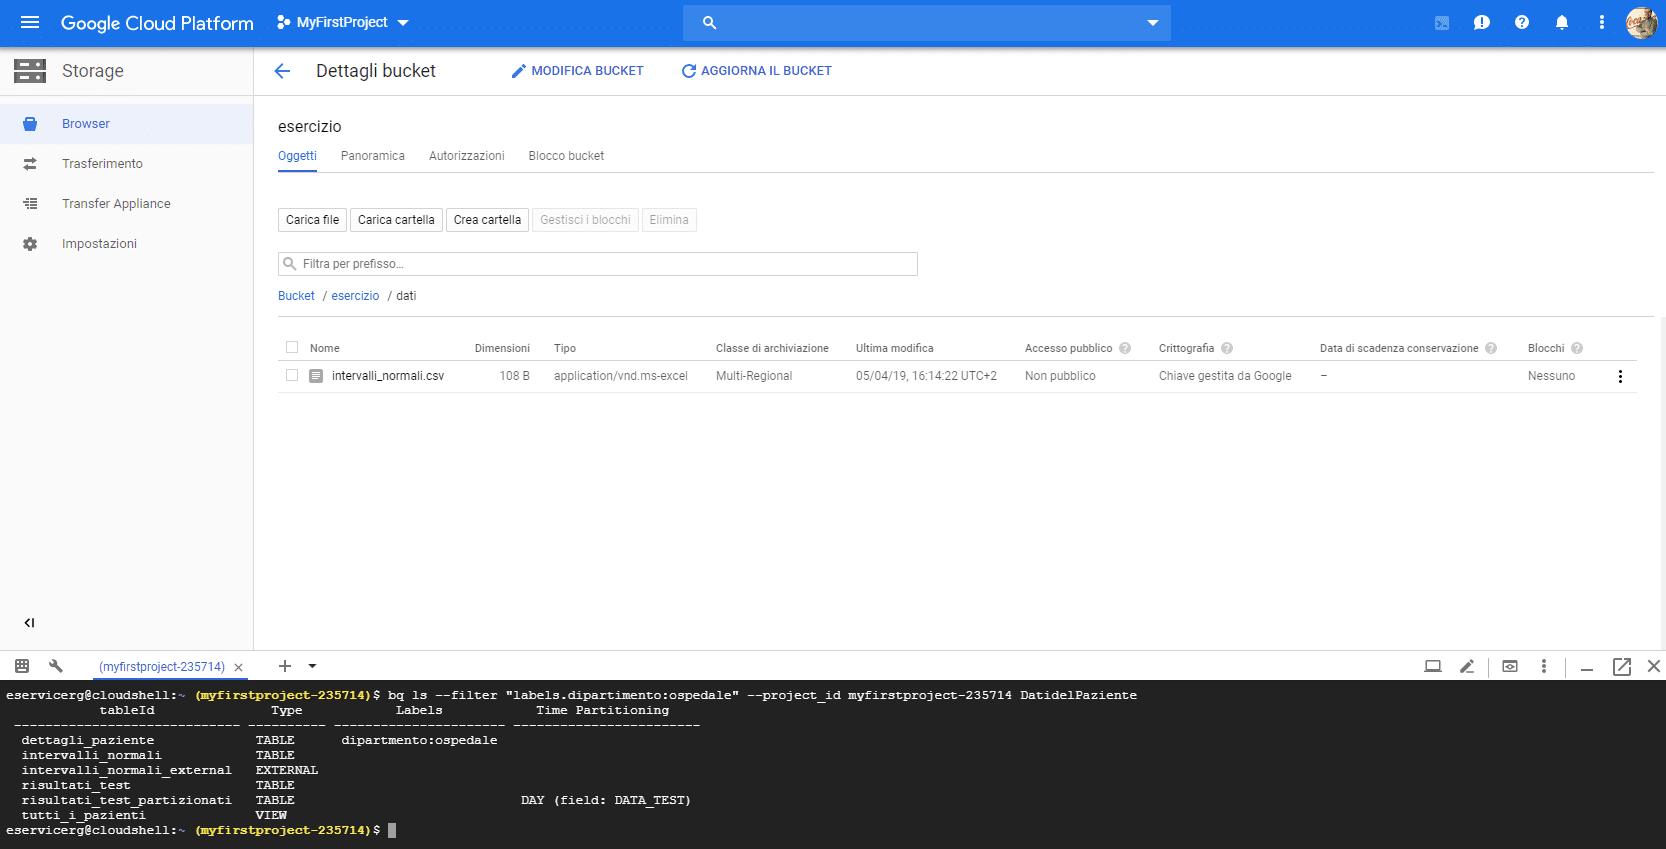 iltrare etichette o labels su Google BigQuery - e-Service